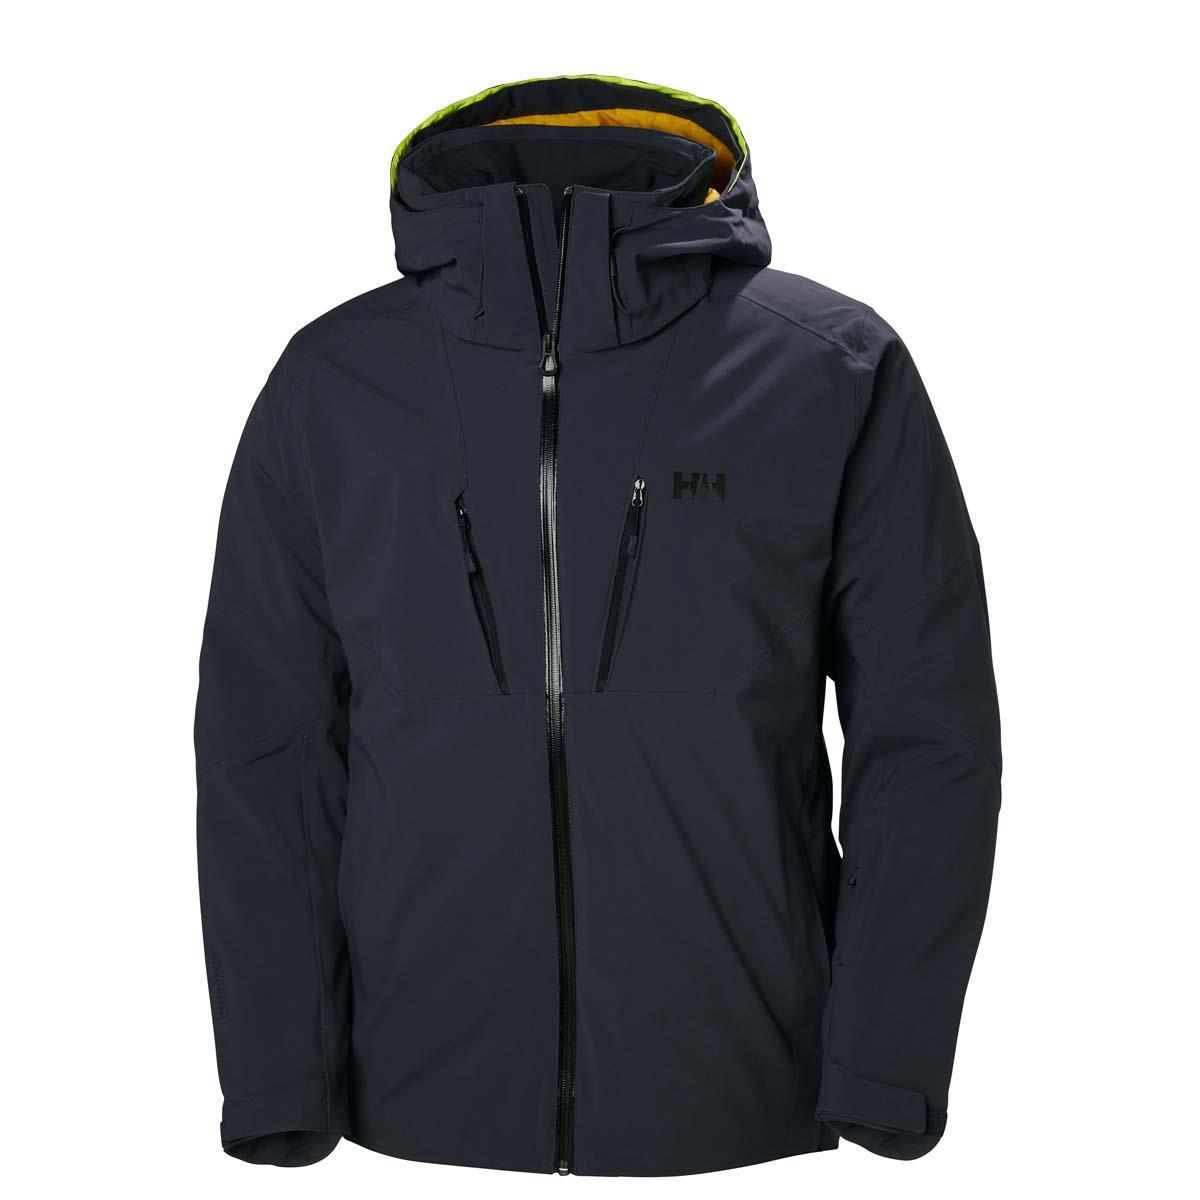 Lighting Jacket: Helly Hansen Lightning Jacket - Men's